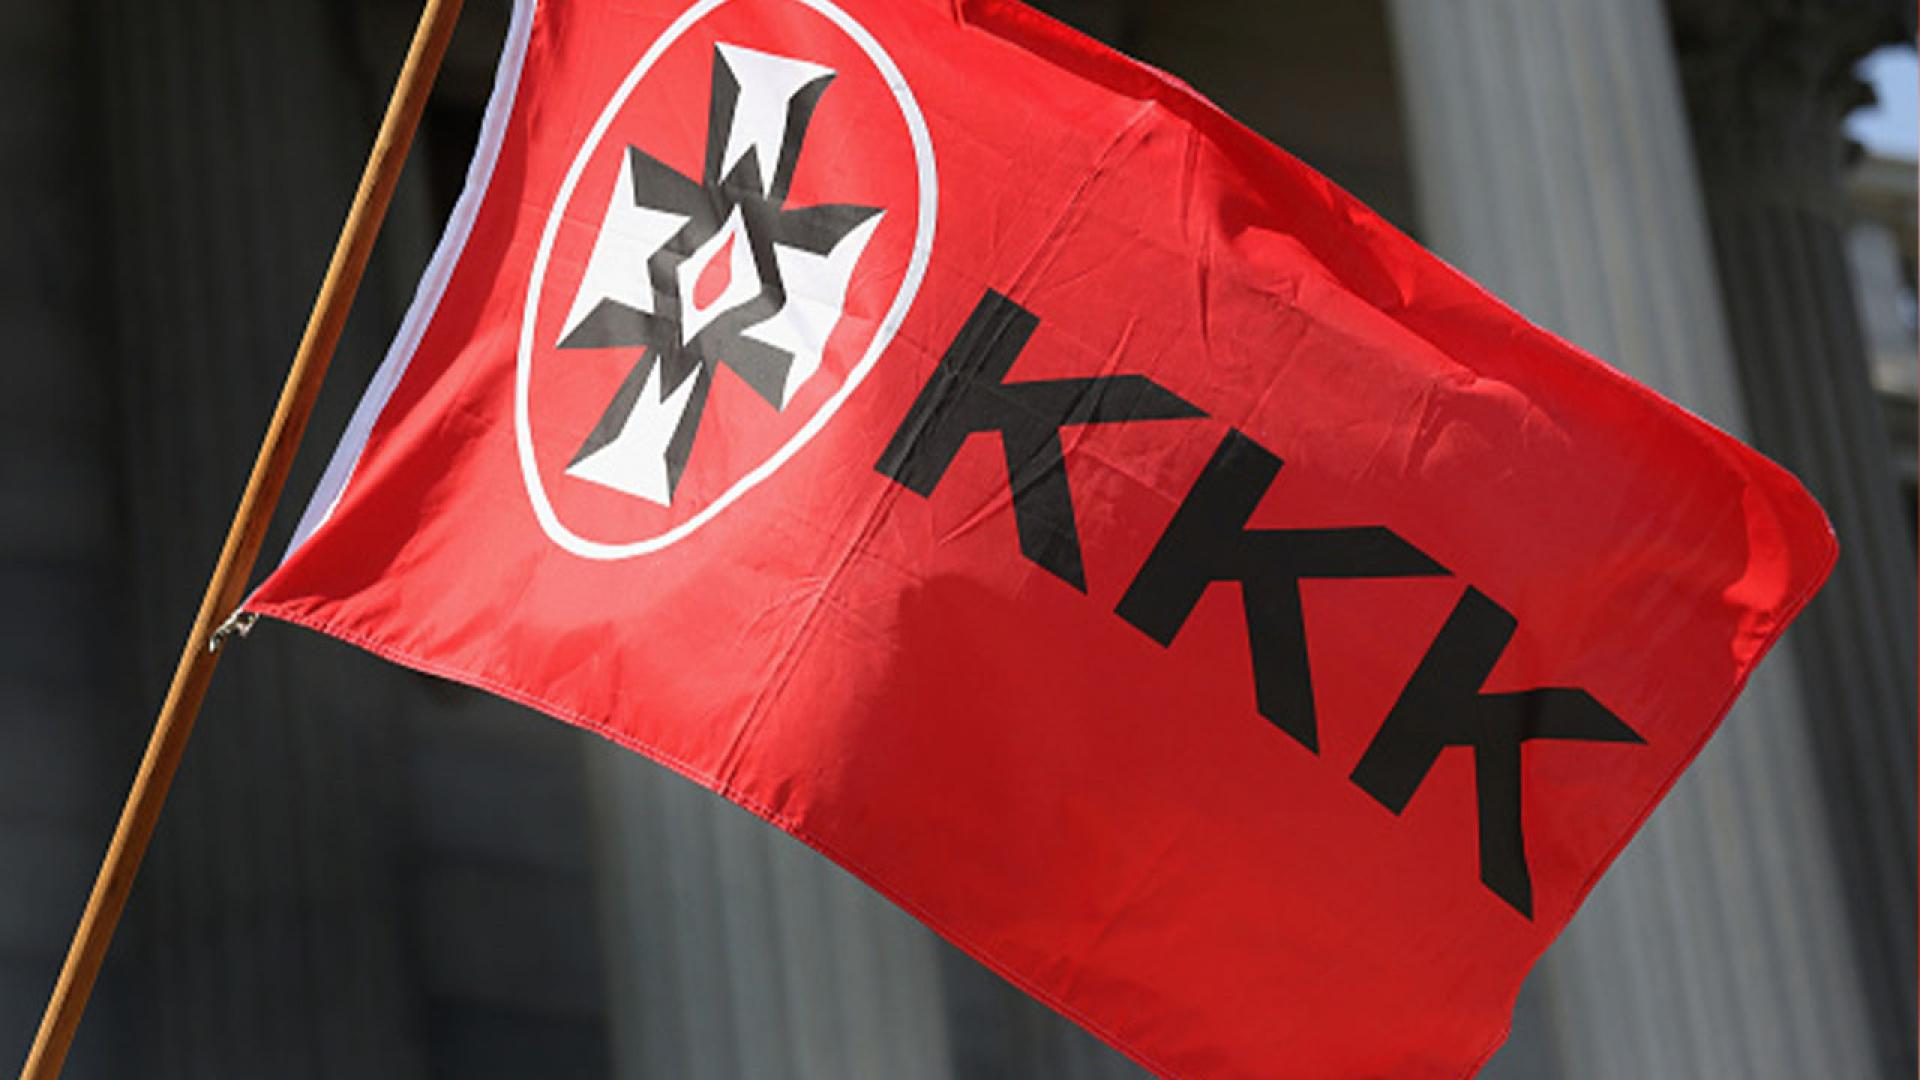 An image of a KKK flag.